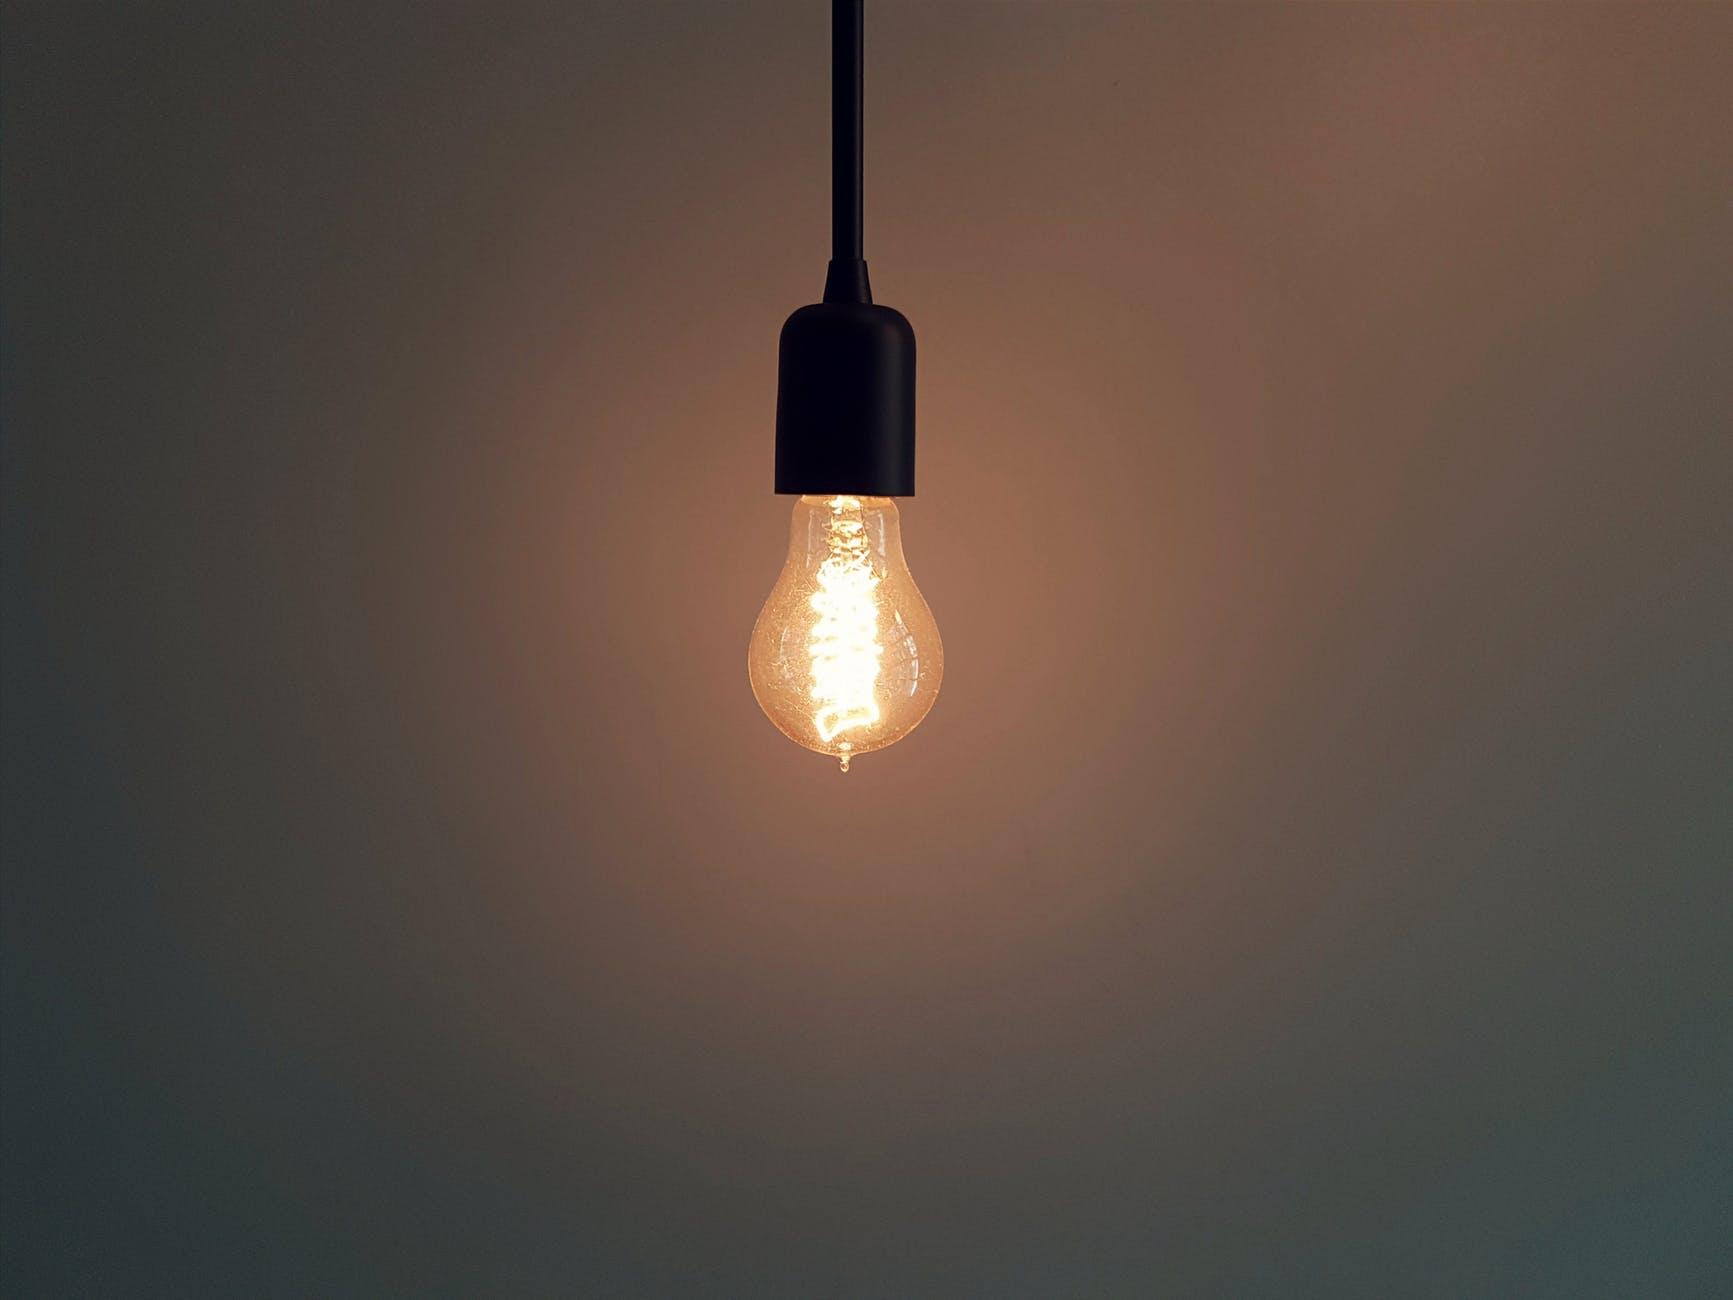 Երևանում և 7 մարզում էլէկտրաէներգիայի անջատումներ կլինեն